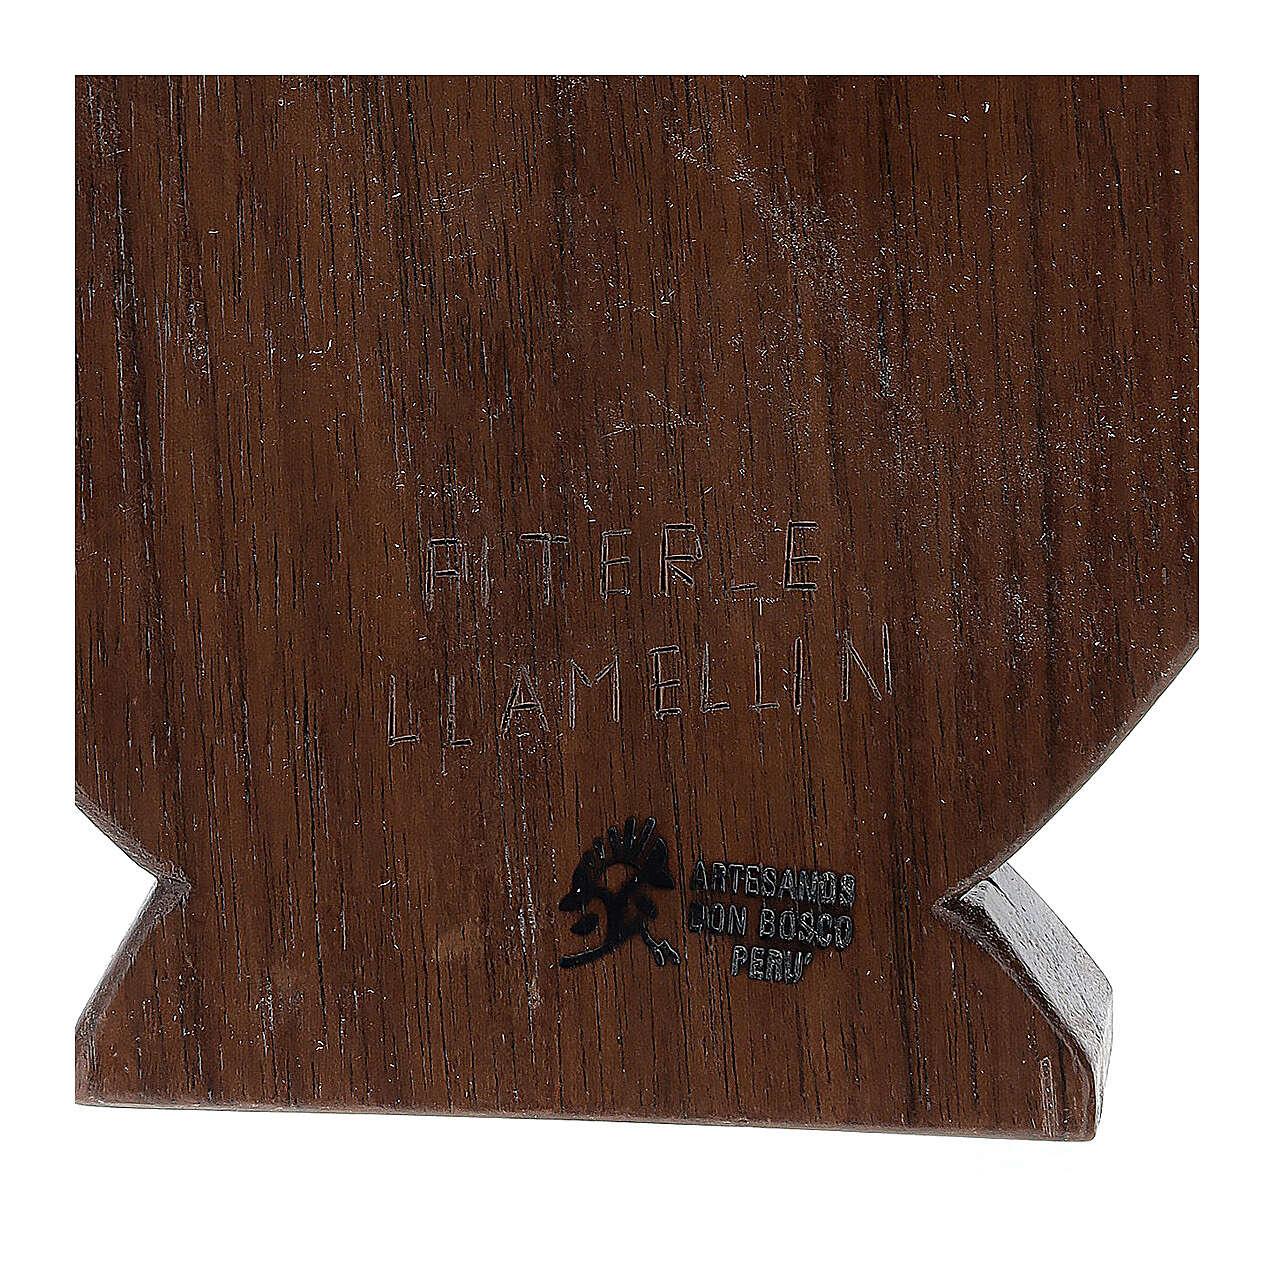 Baixo-relevo Natividade em madeira de tília e nogueira 30x20x5 cm Mato Grosso 4